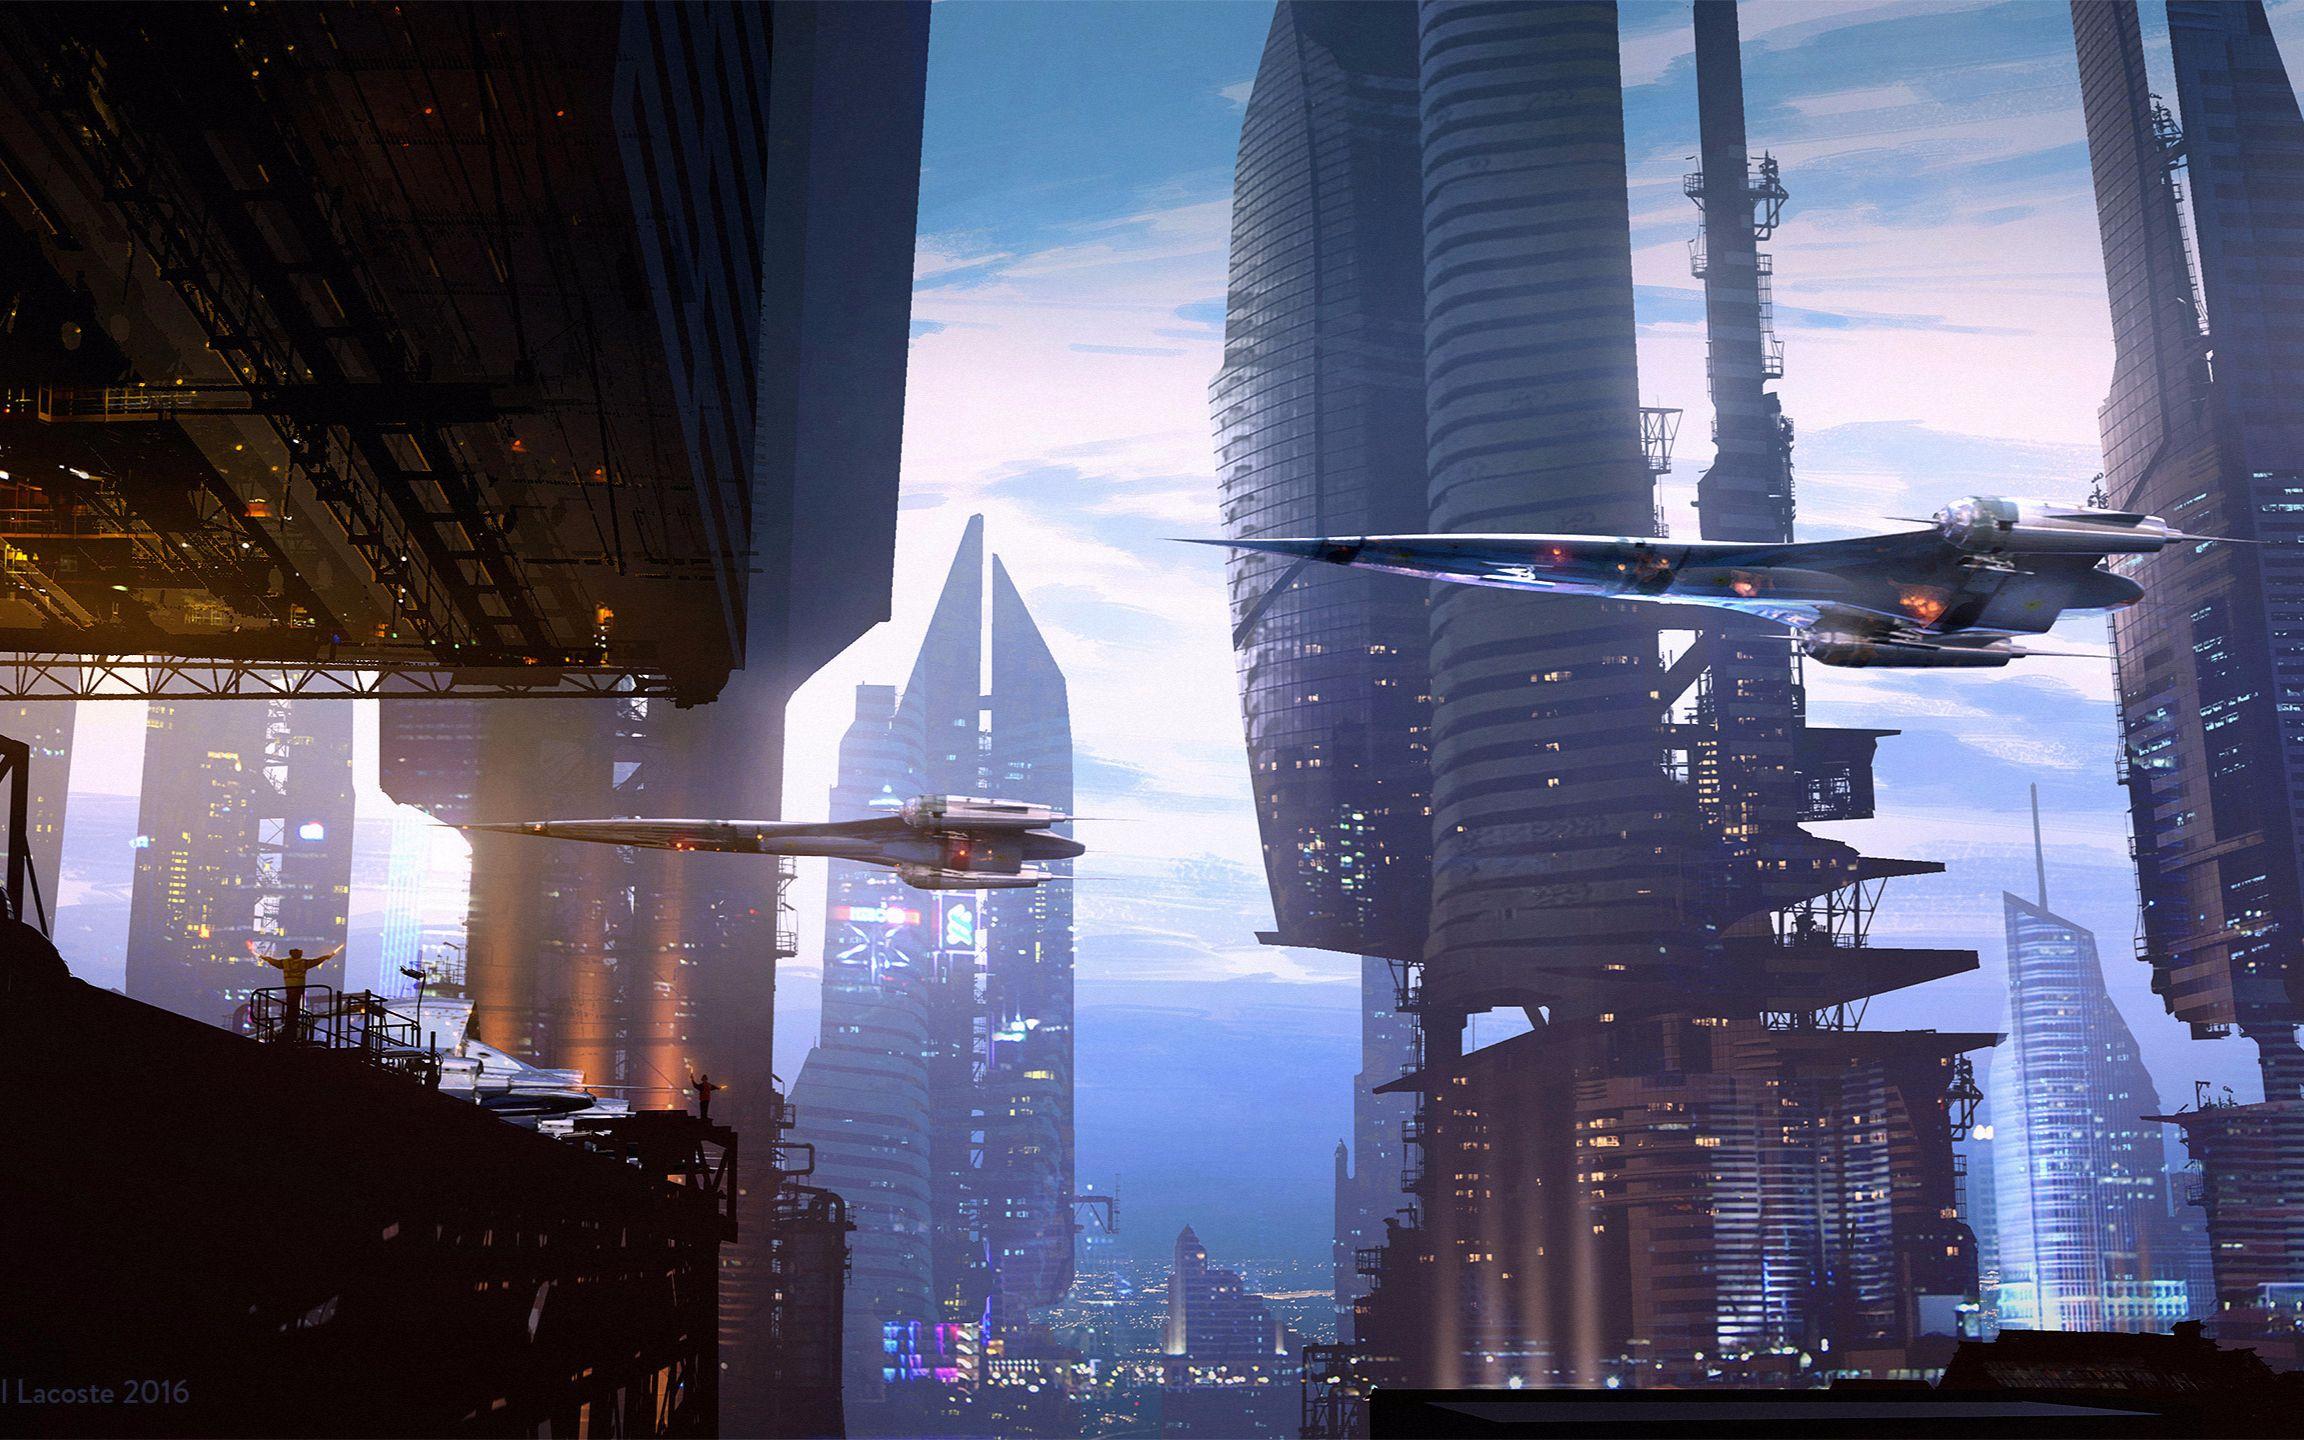 打开 打开 [绘画]科幻风格插画教程 打开 电影科幻人物绘画, 画蚁人